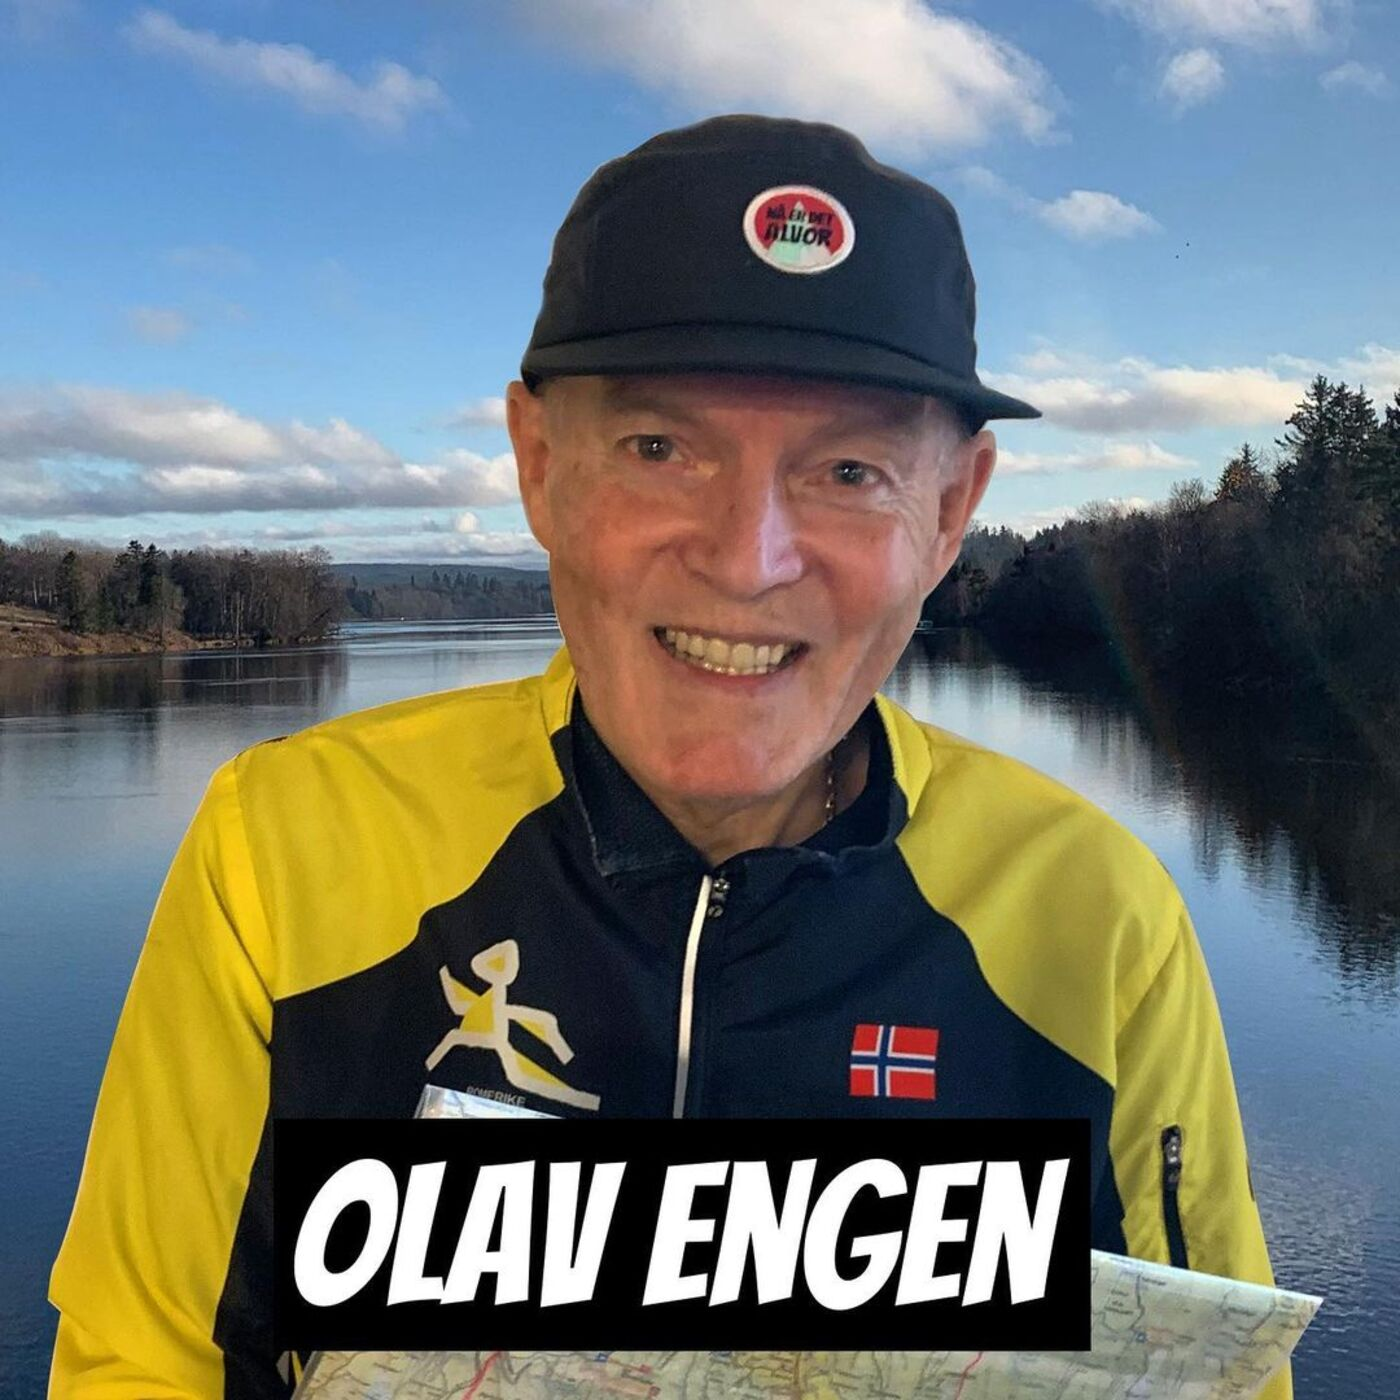 #134 - Olav Engen   Kondis.no, Ultraløpingens Opphav I Norge, Ultraløping Som 70-åring, Romerike Ultraløperklubb, Ultraløpsutvalget